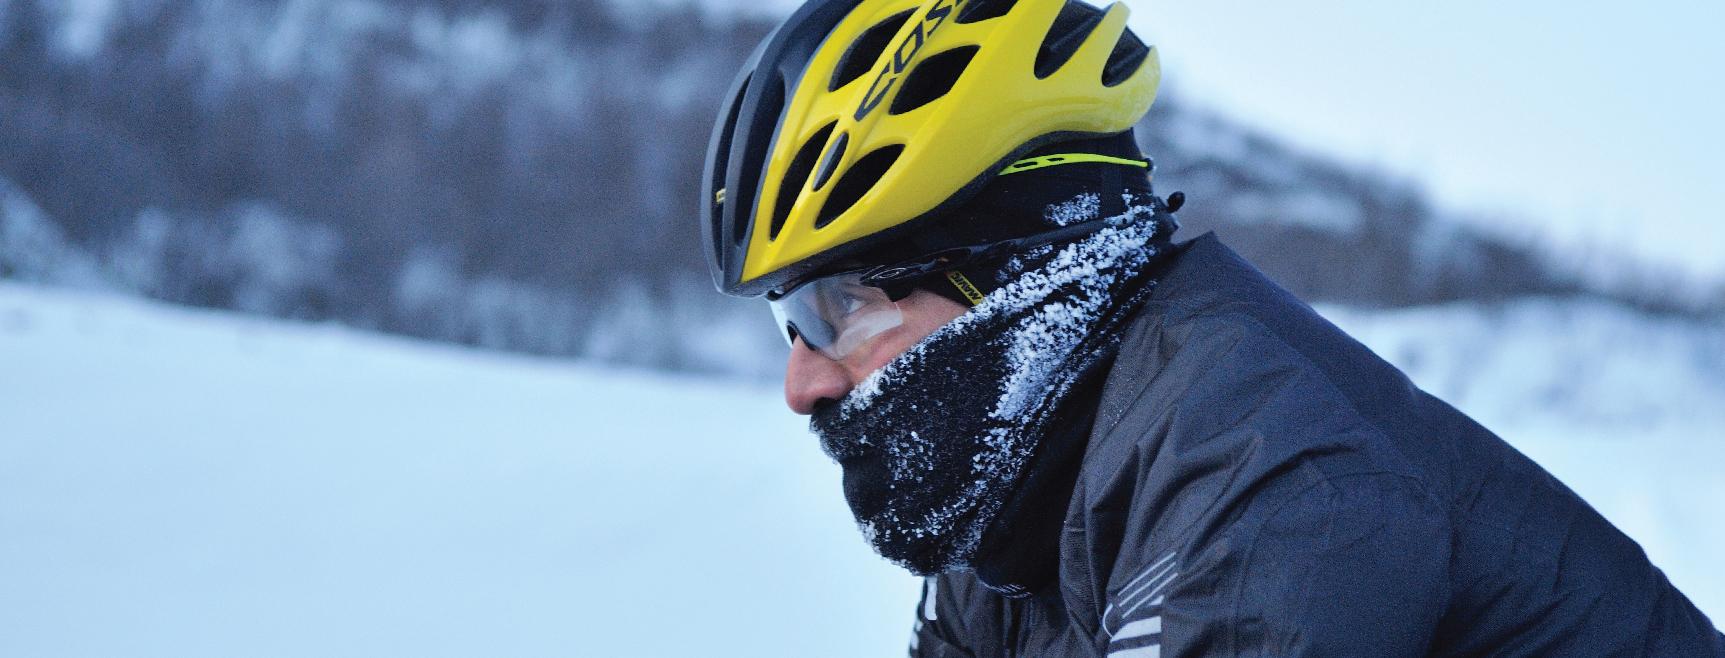 Attrezzatura da ultracycling in inverno orologio Suunto Spartan